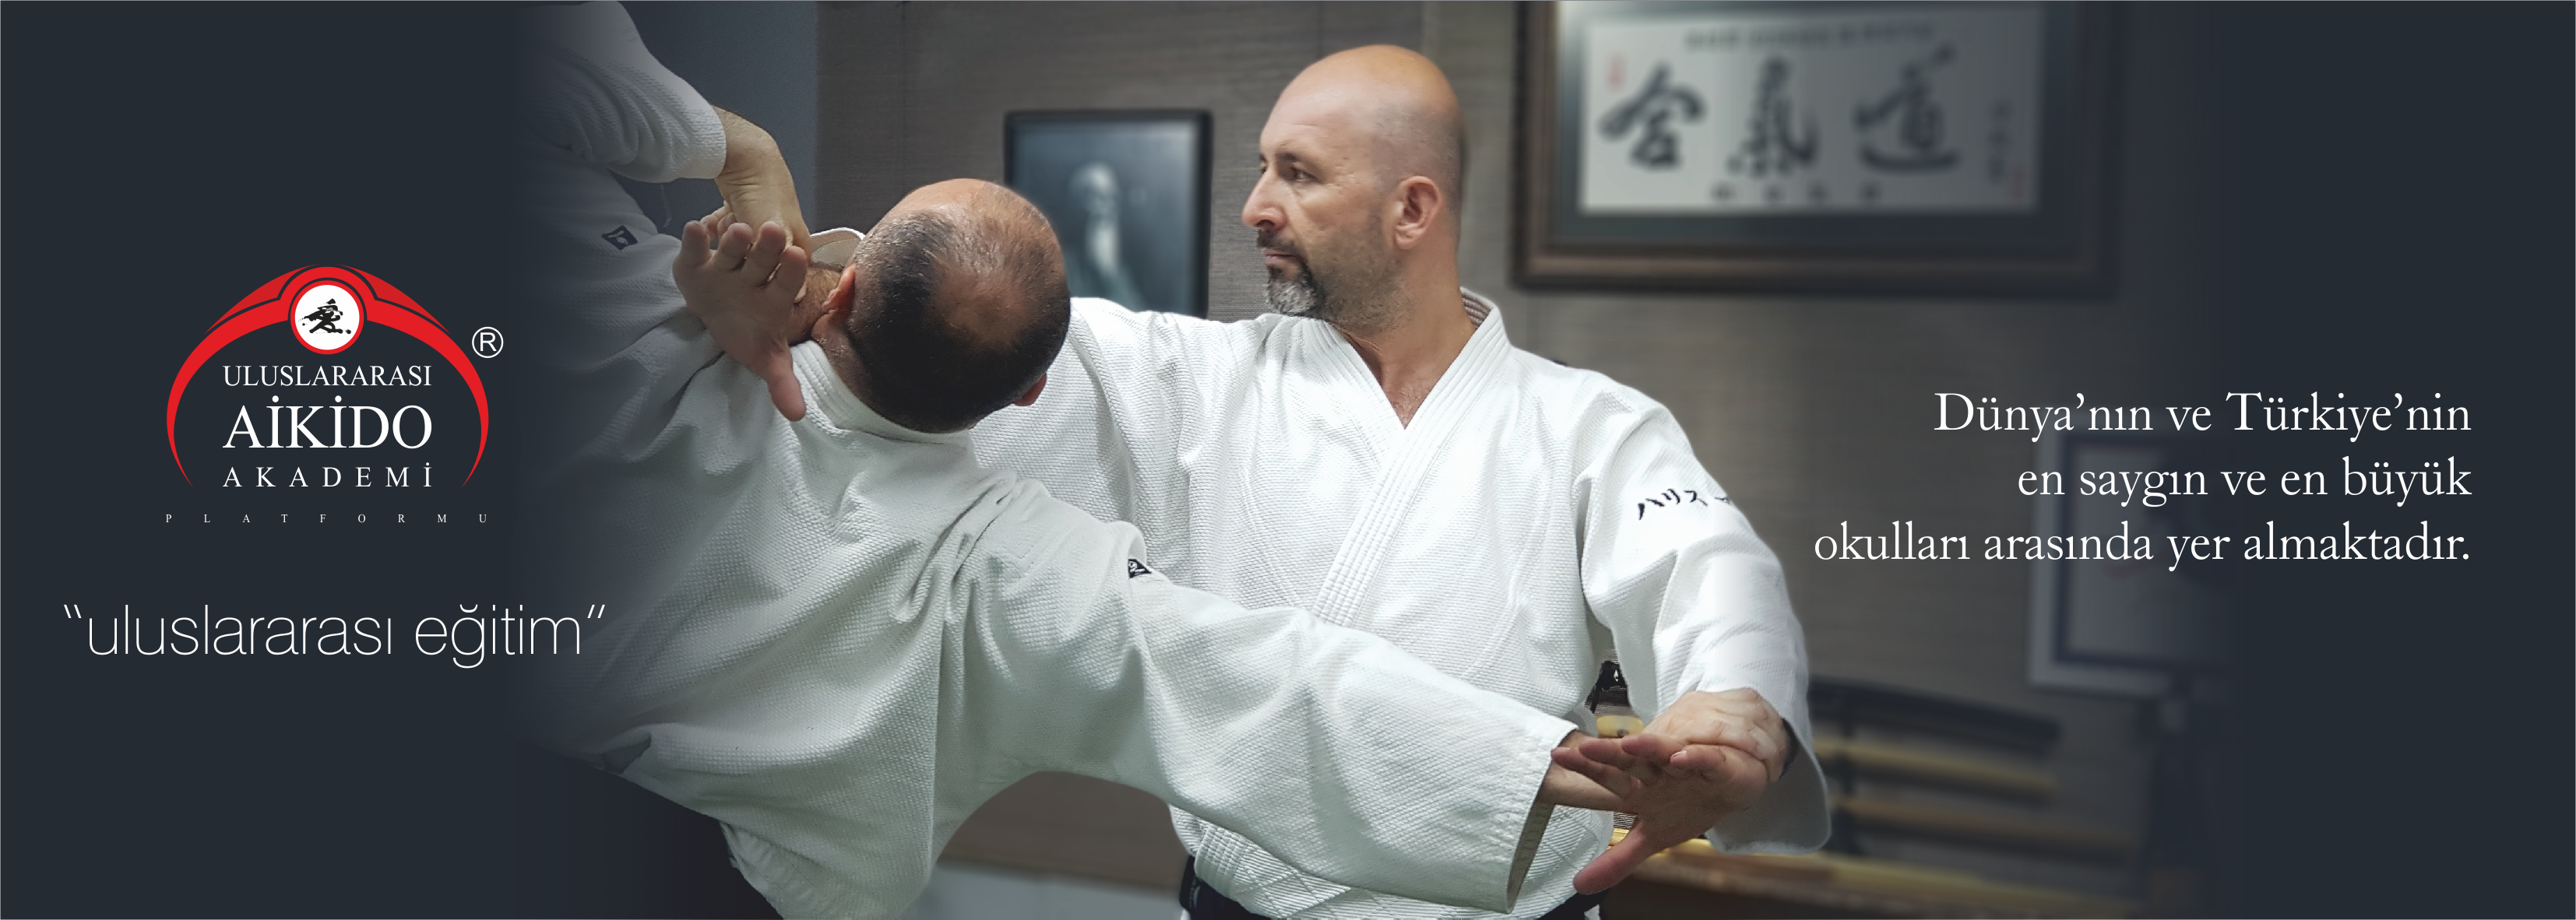 aikido, morehei ueshiba, yamada istanbul, türkiye, aikido geçmişi, dojo kurallar, disiplin, sözlük, terimler, çocuk eğitimi, kartal, pendik, ataşehir, göktürk, etiler, halis duran, istanbul, çocuk gel